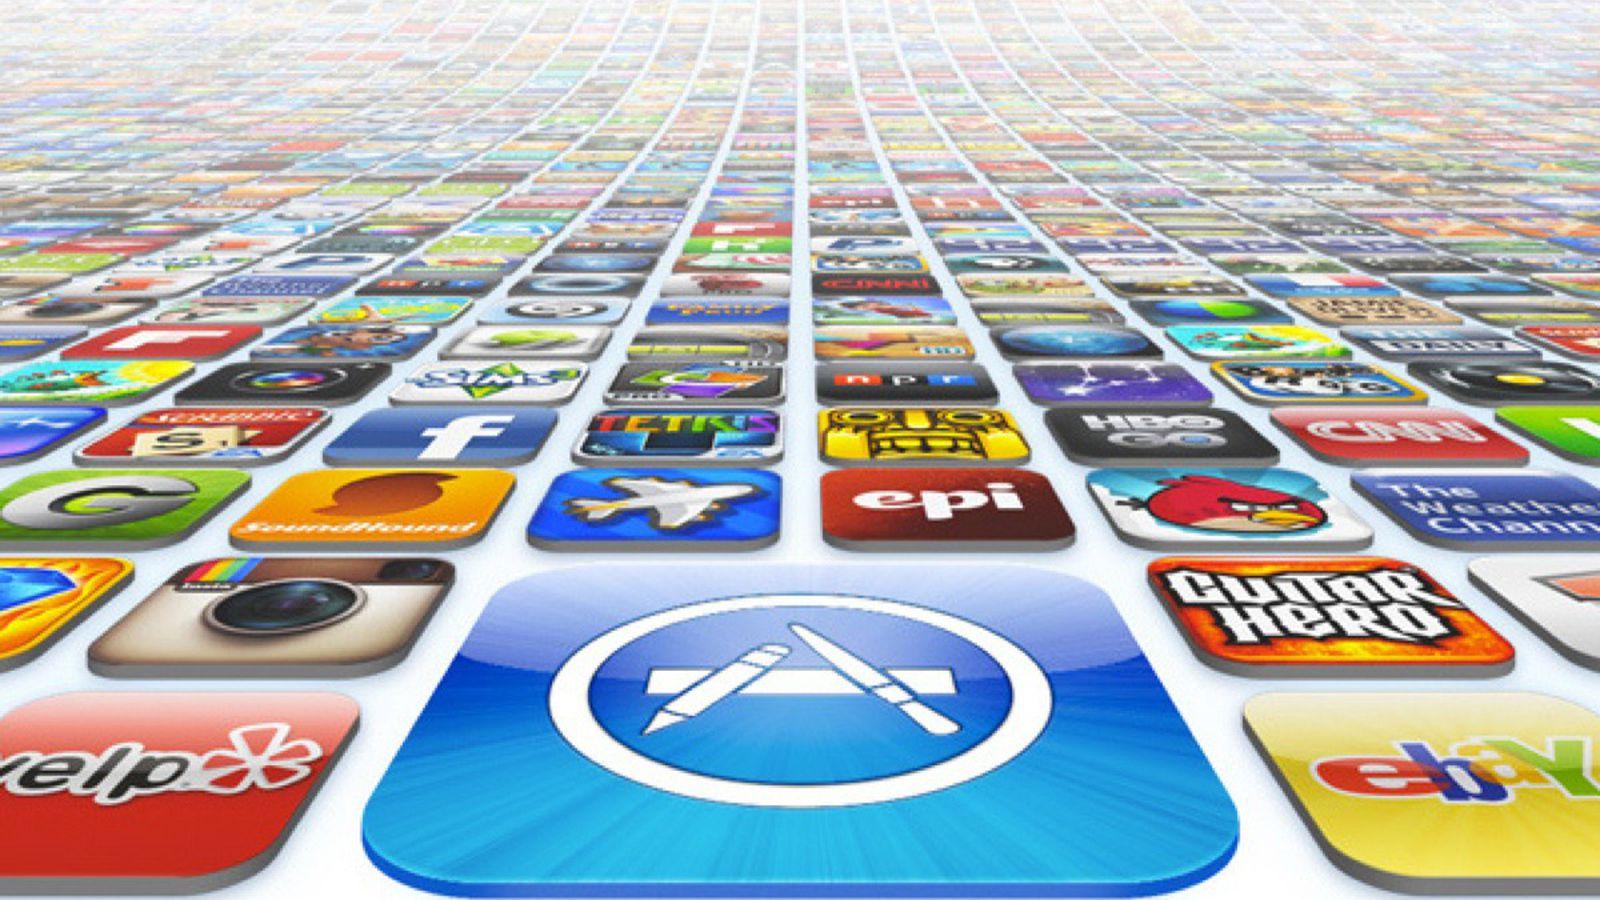 Пользователям девайсов Apple разрешат исполнять предзаказ приложений вApp Store